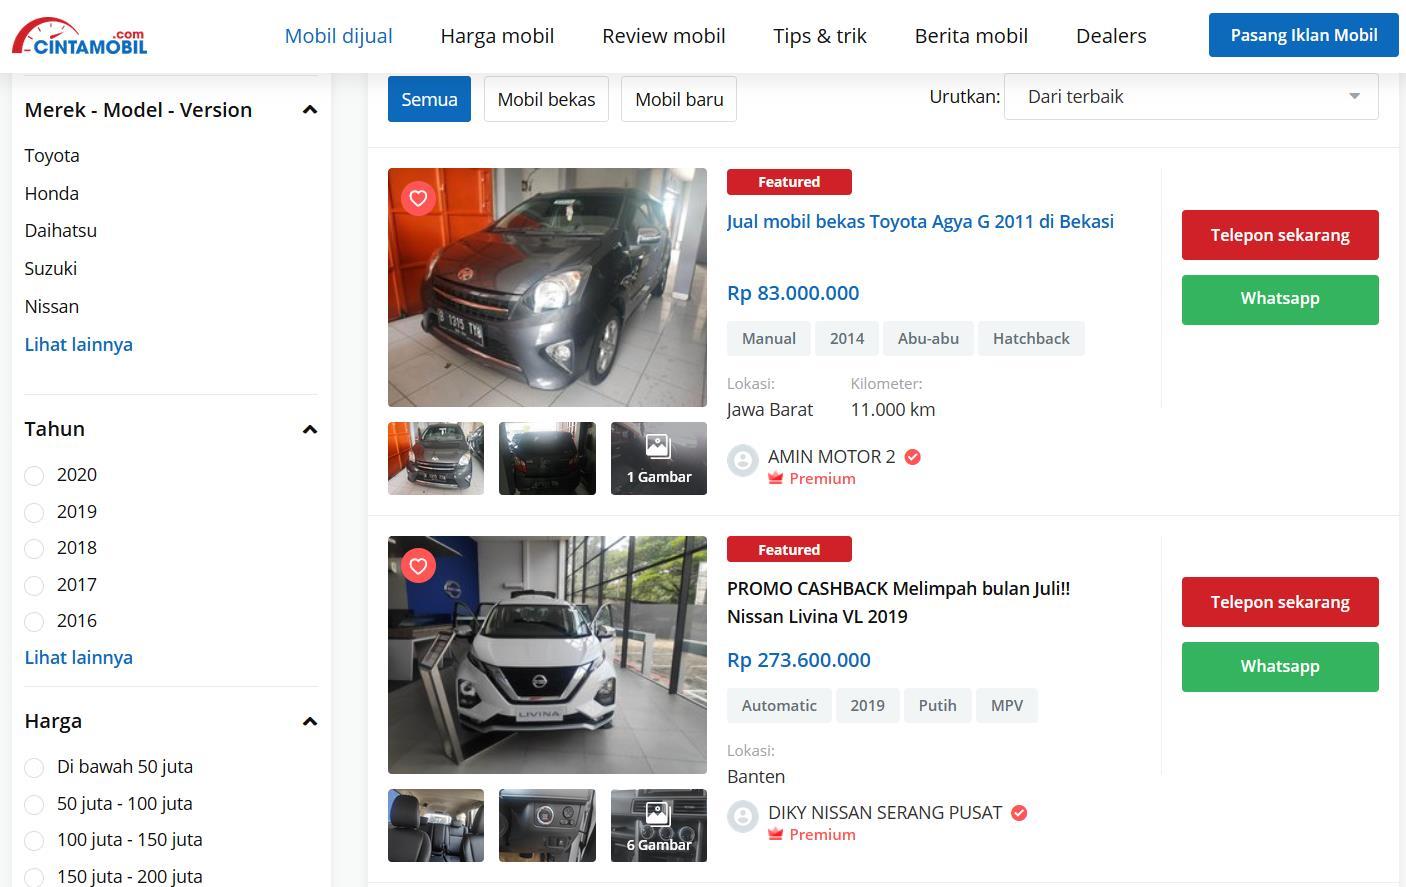 Gambar ini menunjukkan web Cintamobil.com situs jual beli ternama di Indonesia